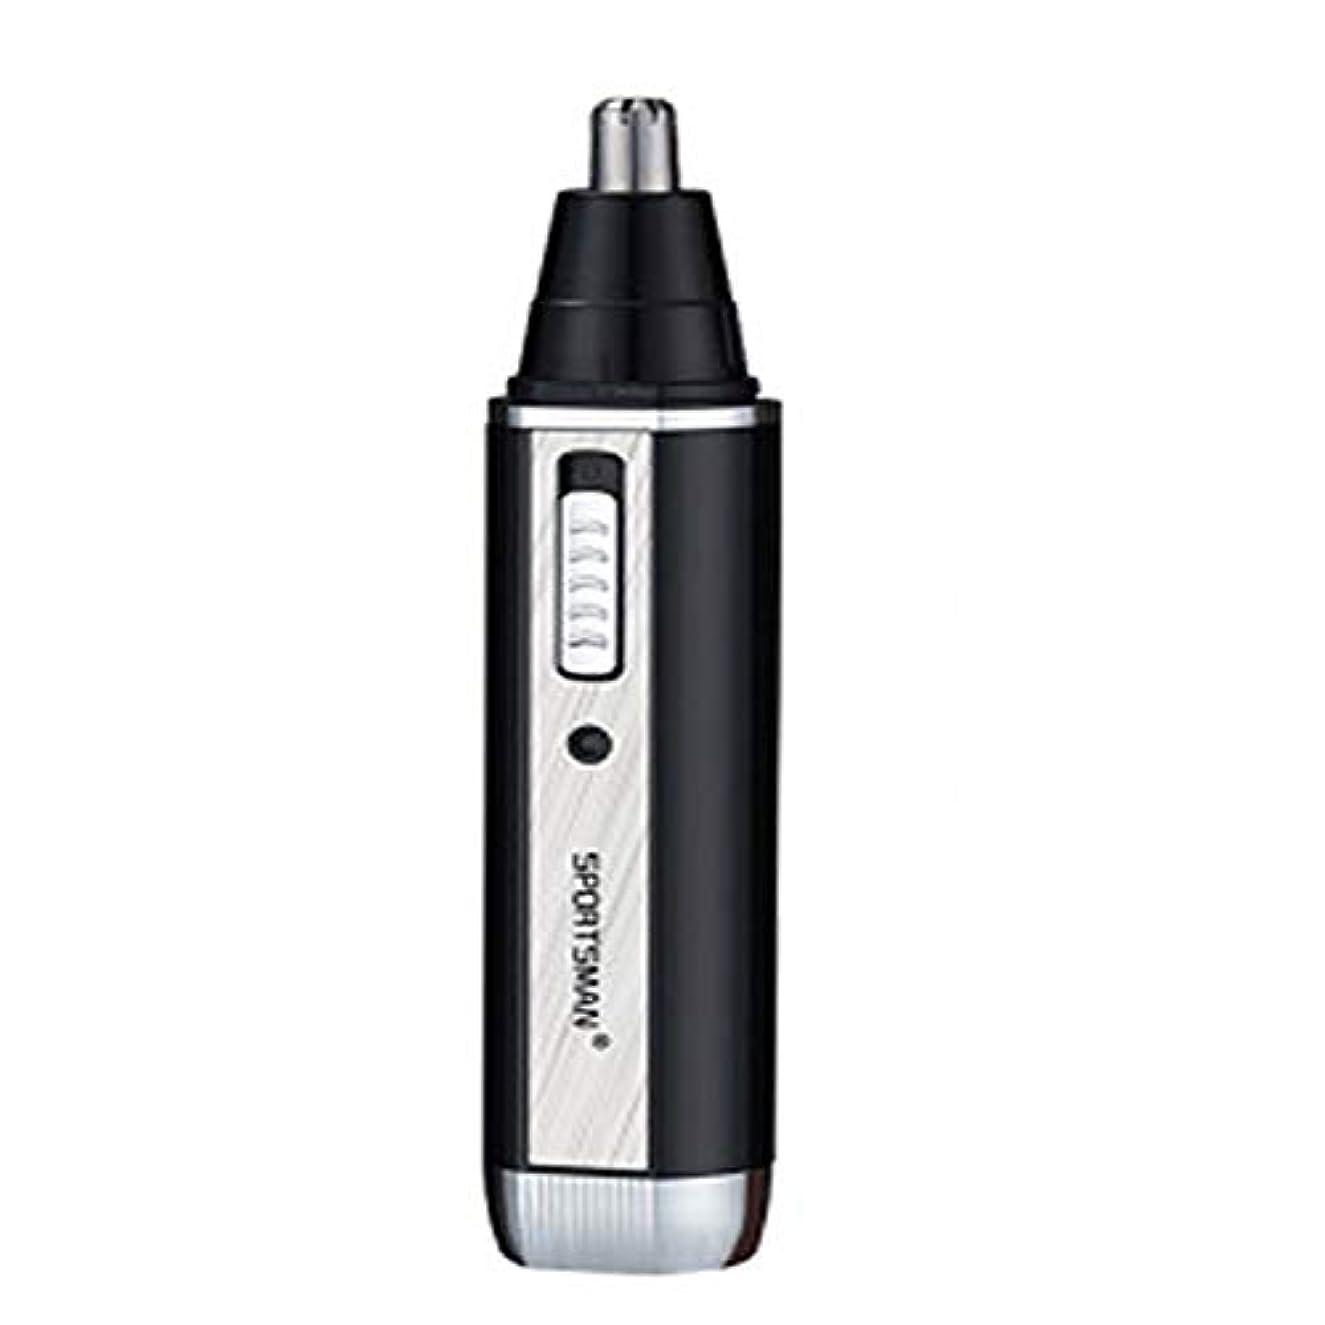 シリーズ自己チャーター鼻のヘアトリマーは、男性と女性のための50 dB以下の内部360°回転設計の保護カバーノイズで、使いやすく、そして掃除がしやすいです。